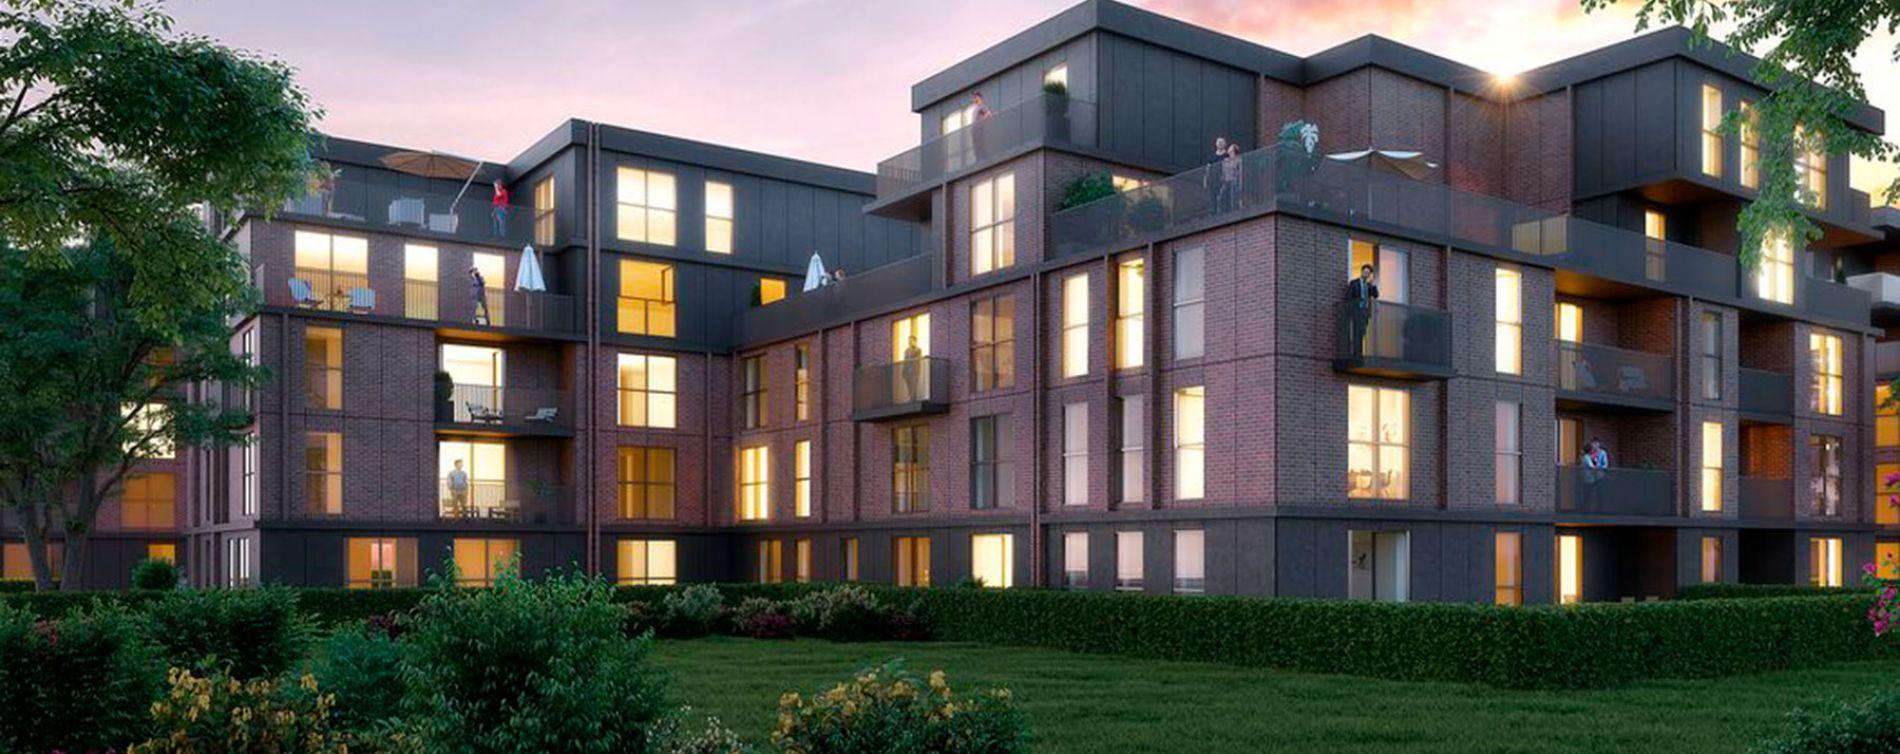 Résidence Le domaine d'Hestia - Villa Cronos à Saint-André-lez-Lille